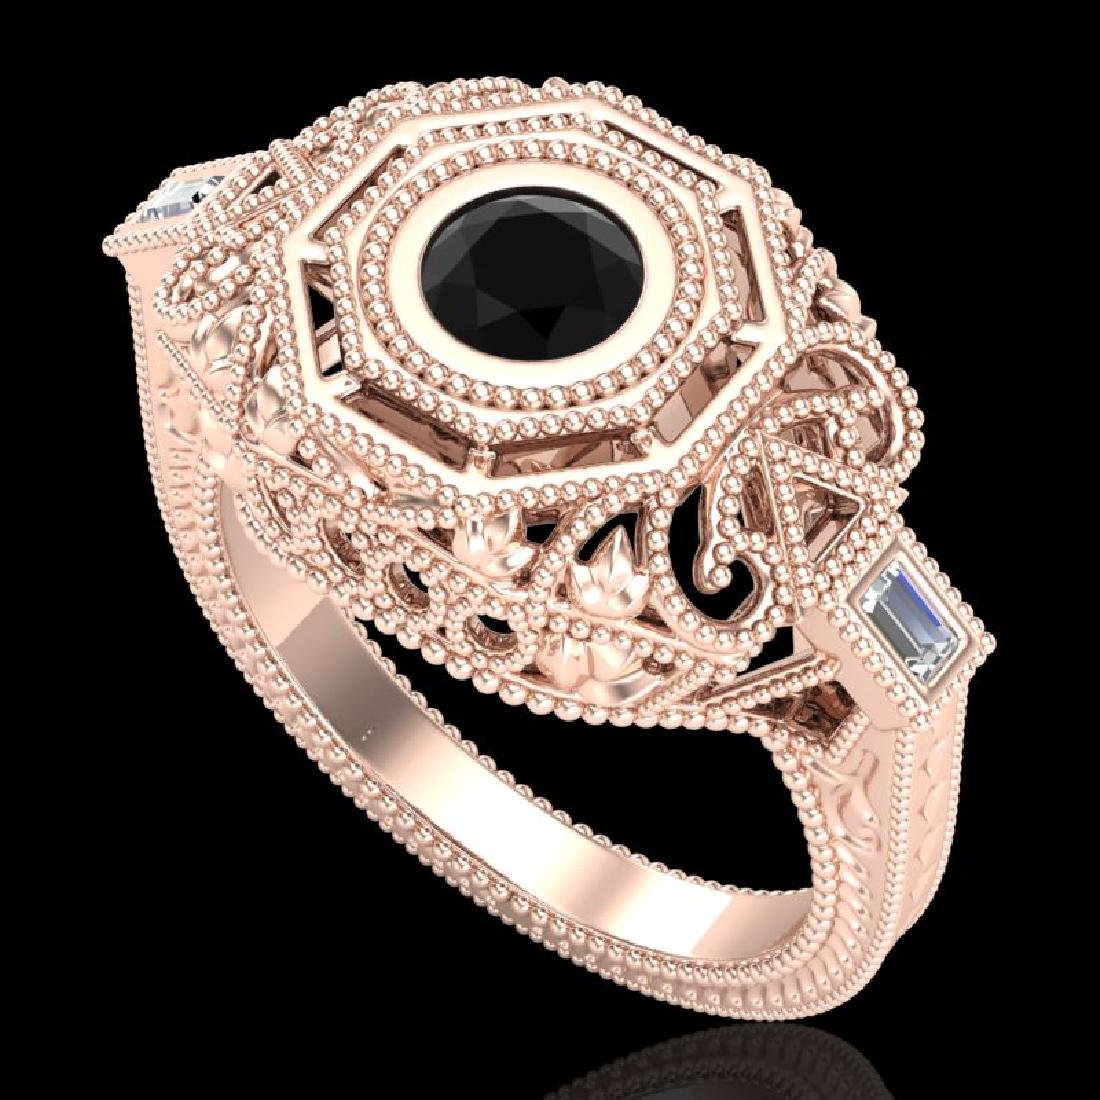 0.75 CTW Fancy Black Diamond Solitaire Engagement Art